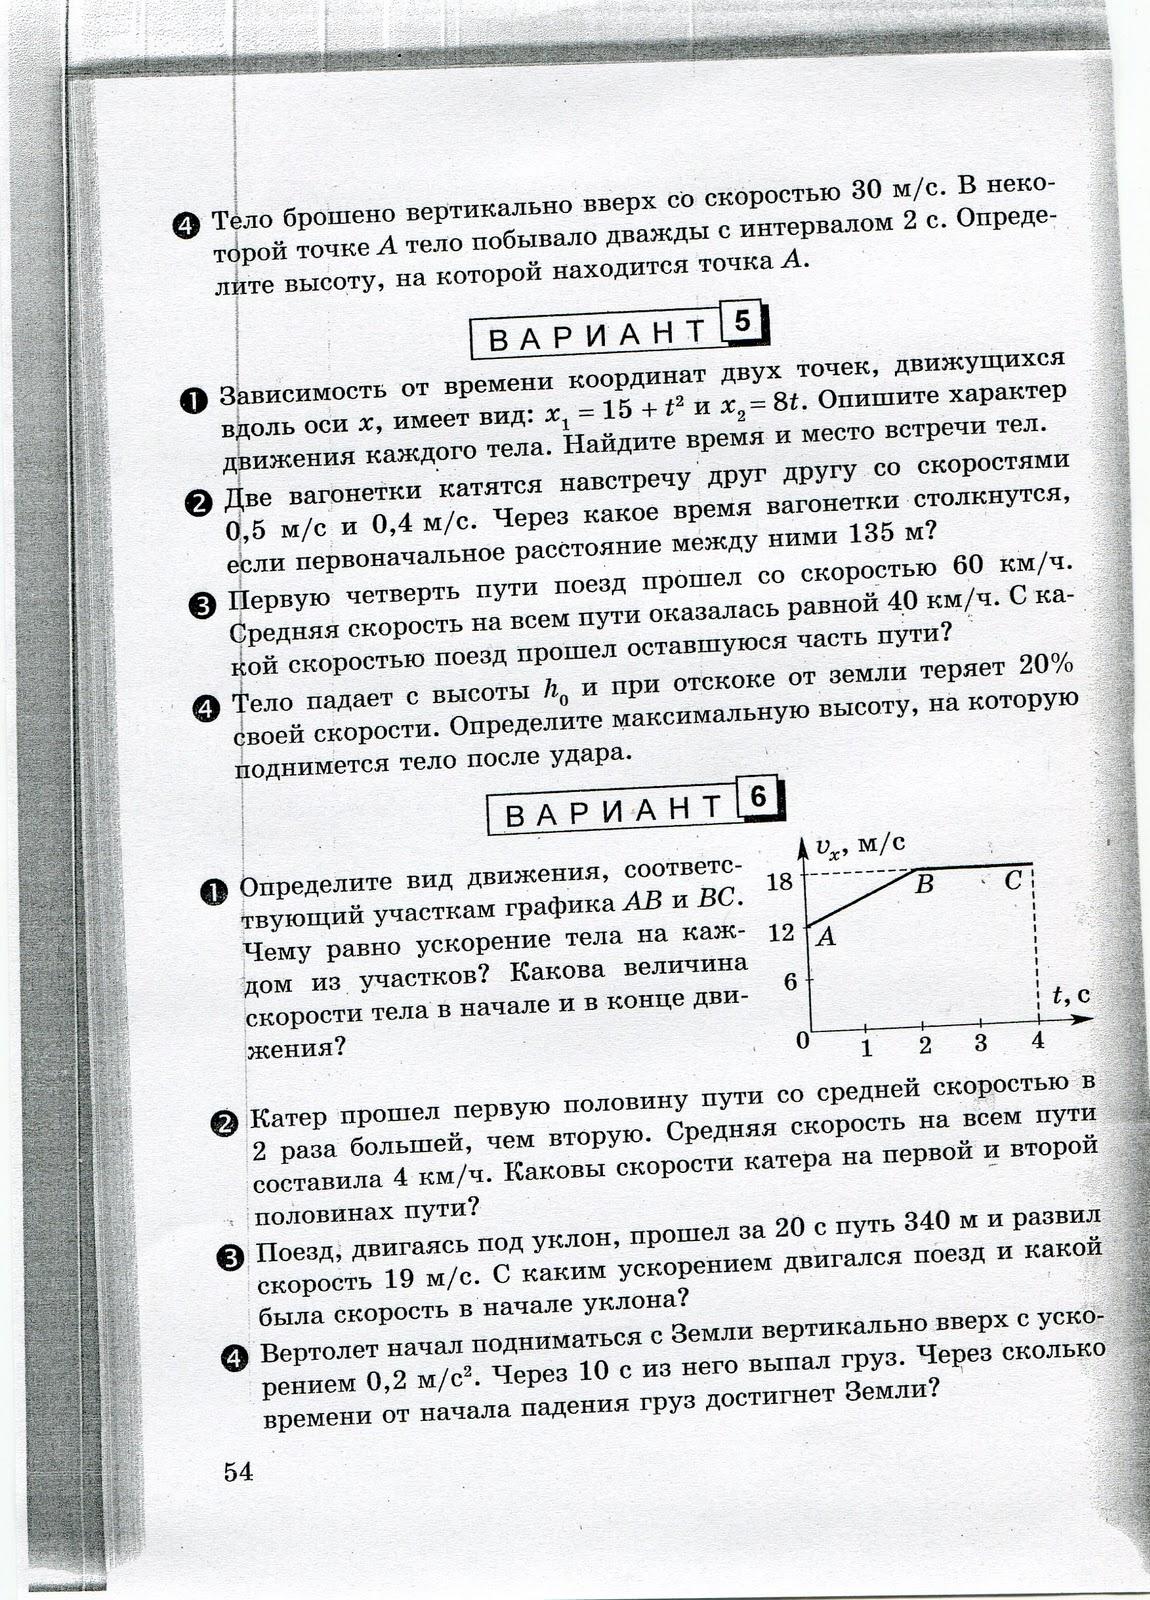 сочинения по произведению фонвизина недоросль, смысл названия произведения